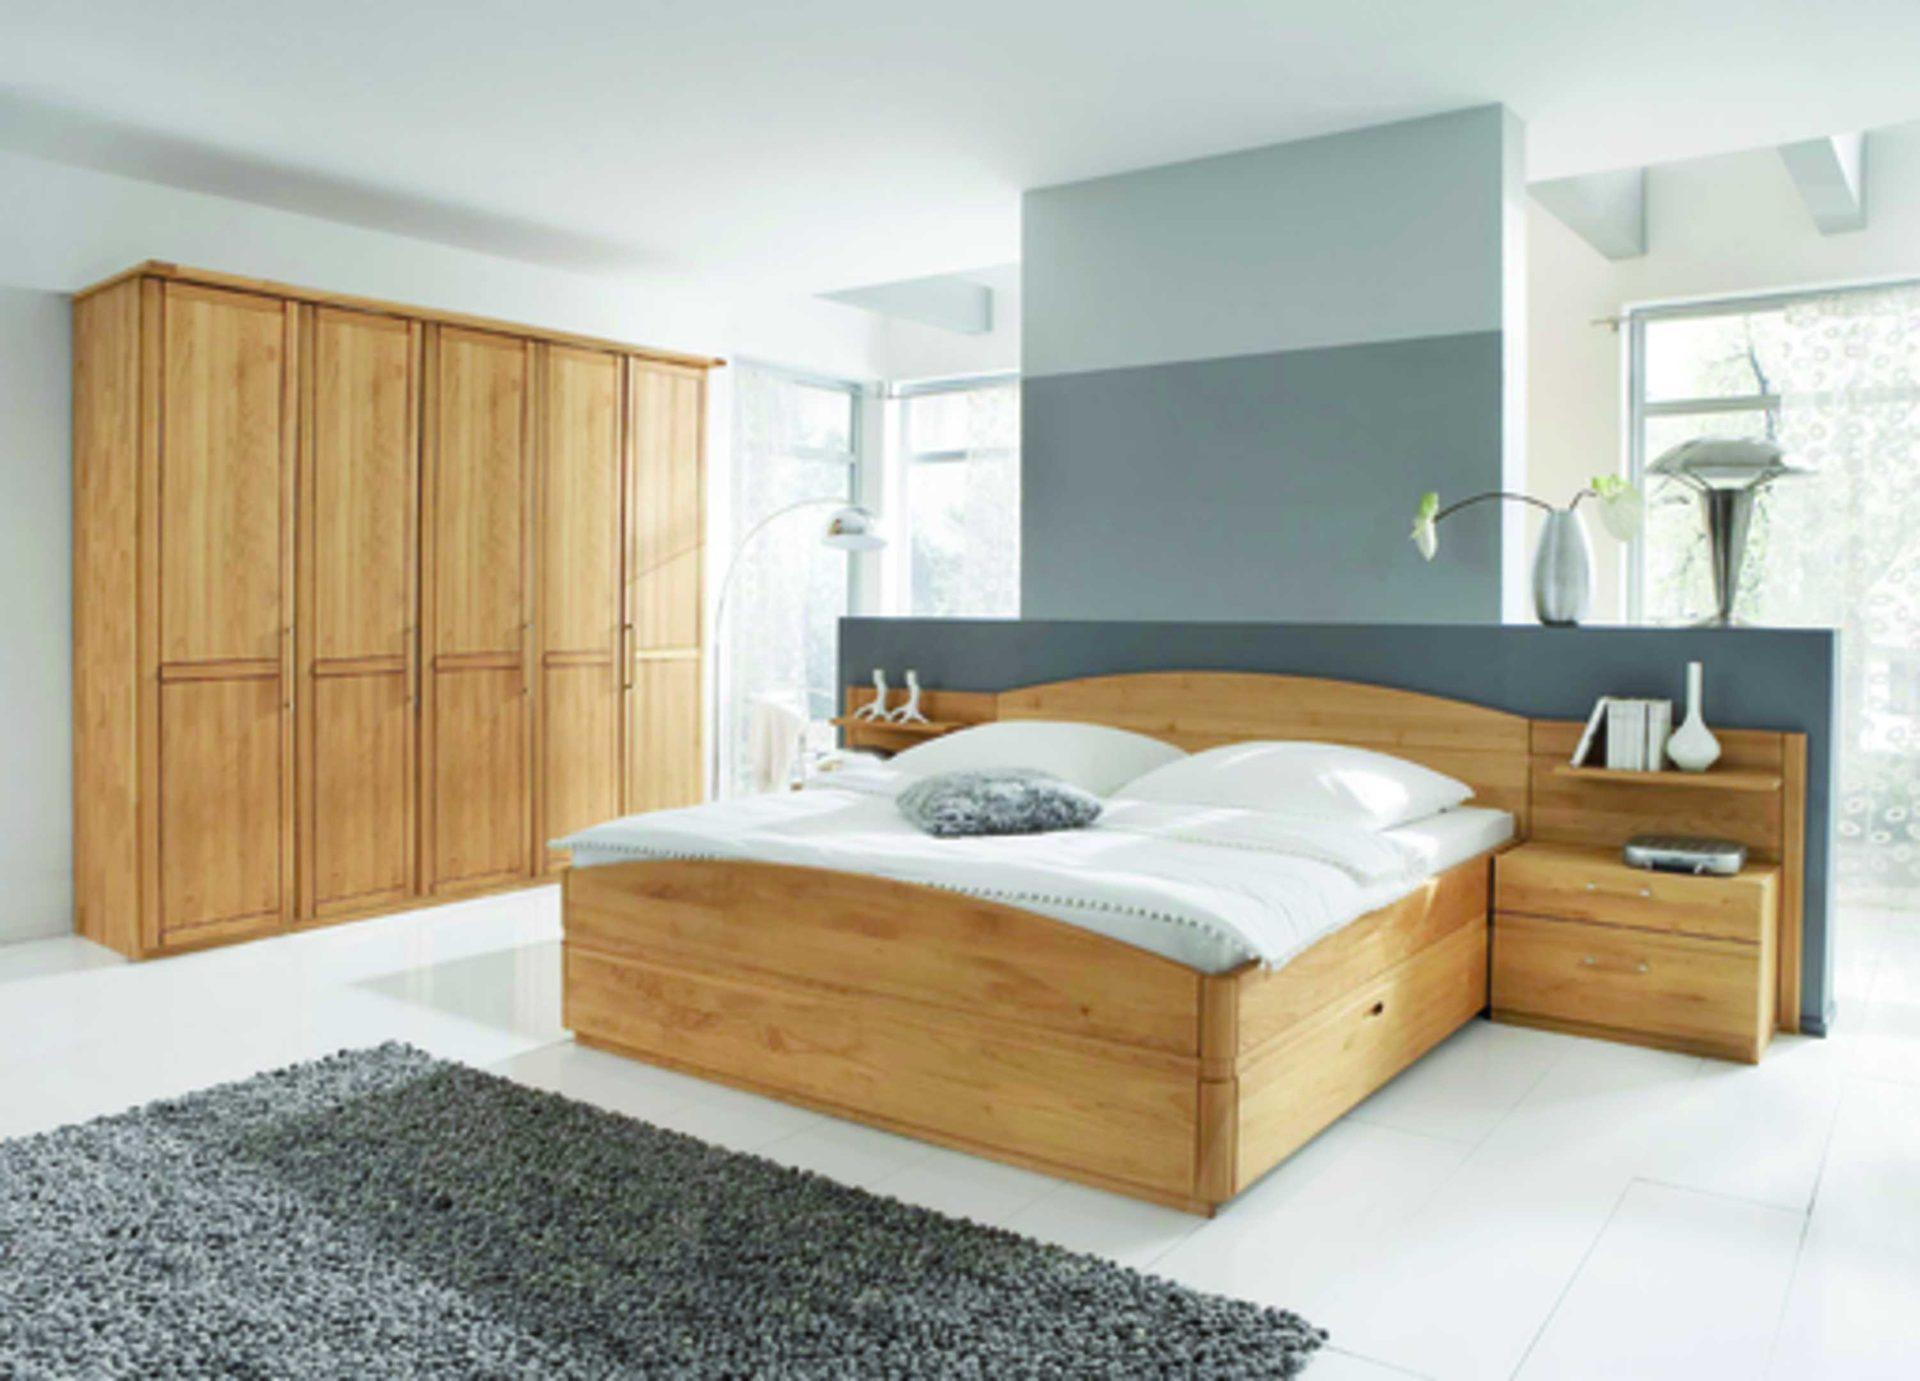 Wohnland Breitwieser Raume Schlafzimmer Komplettzimmer